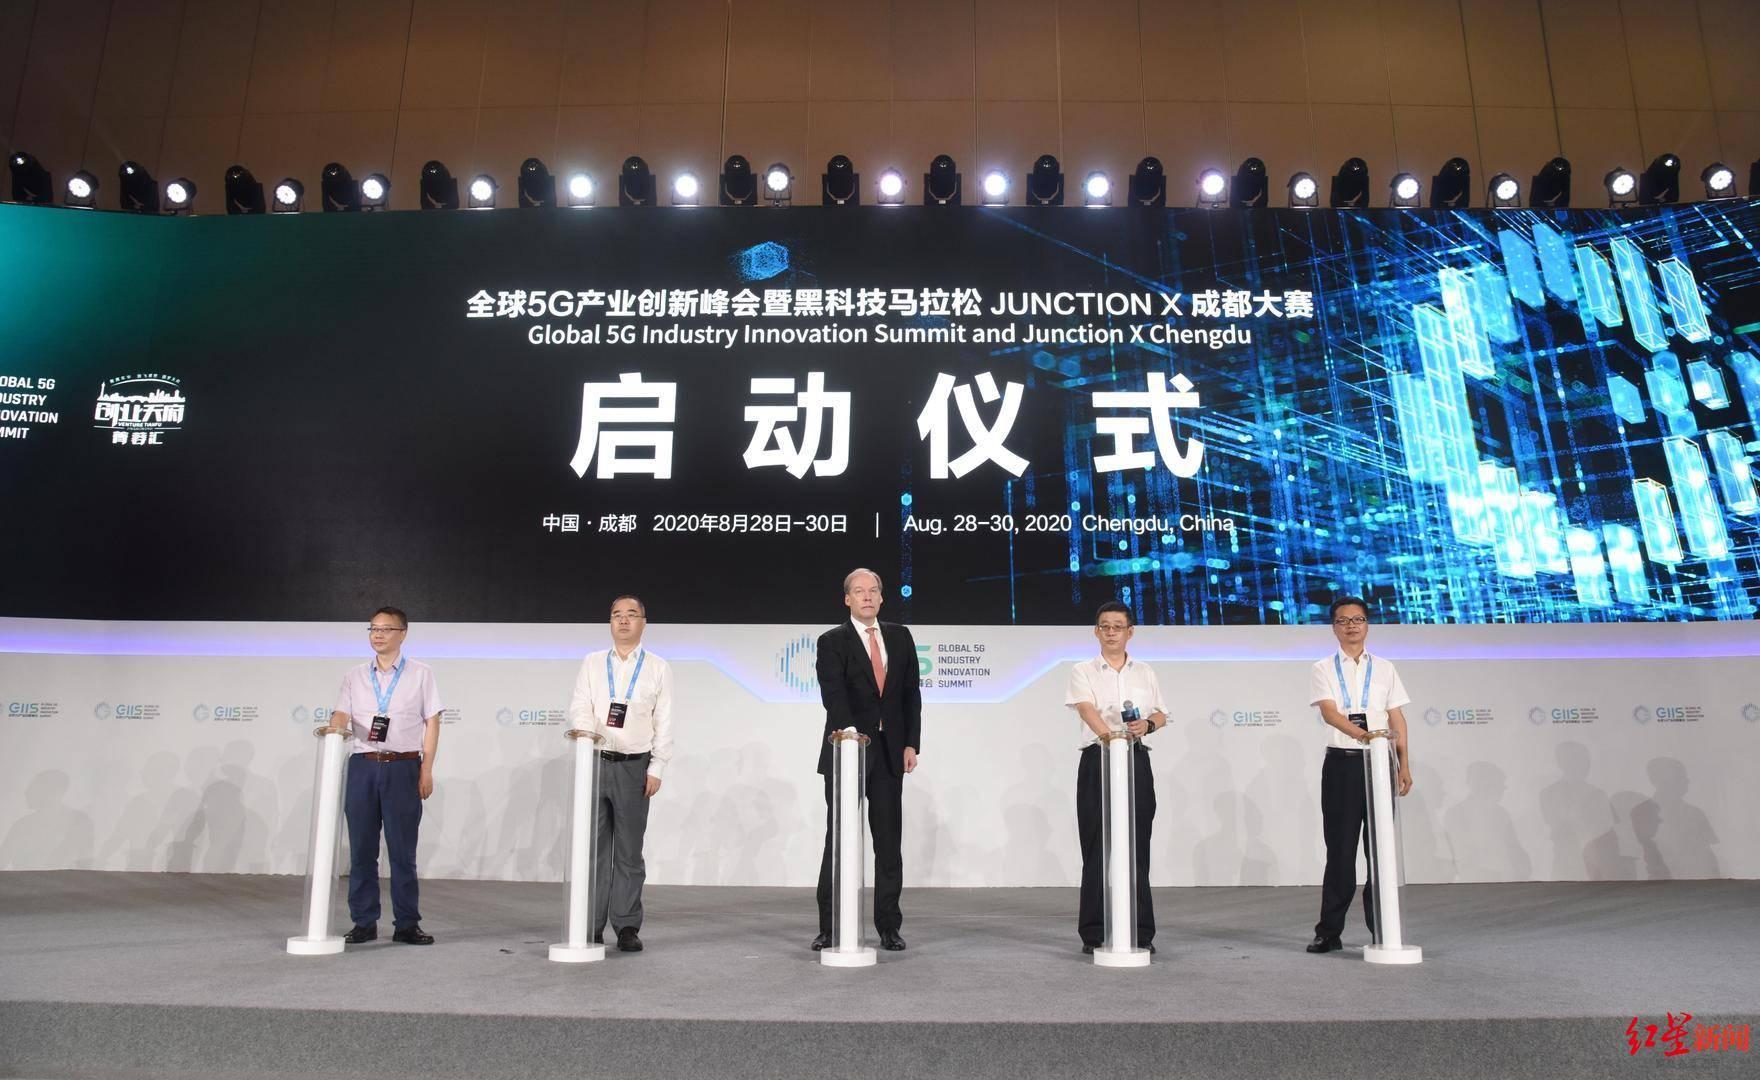 四川累计5G基站超3万个,全省已公开5G专利位居全国第六